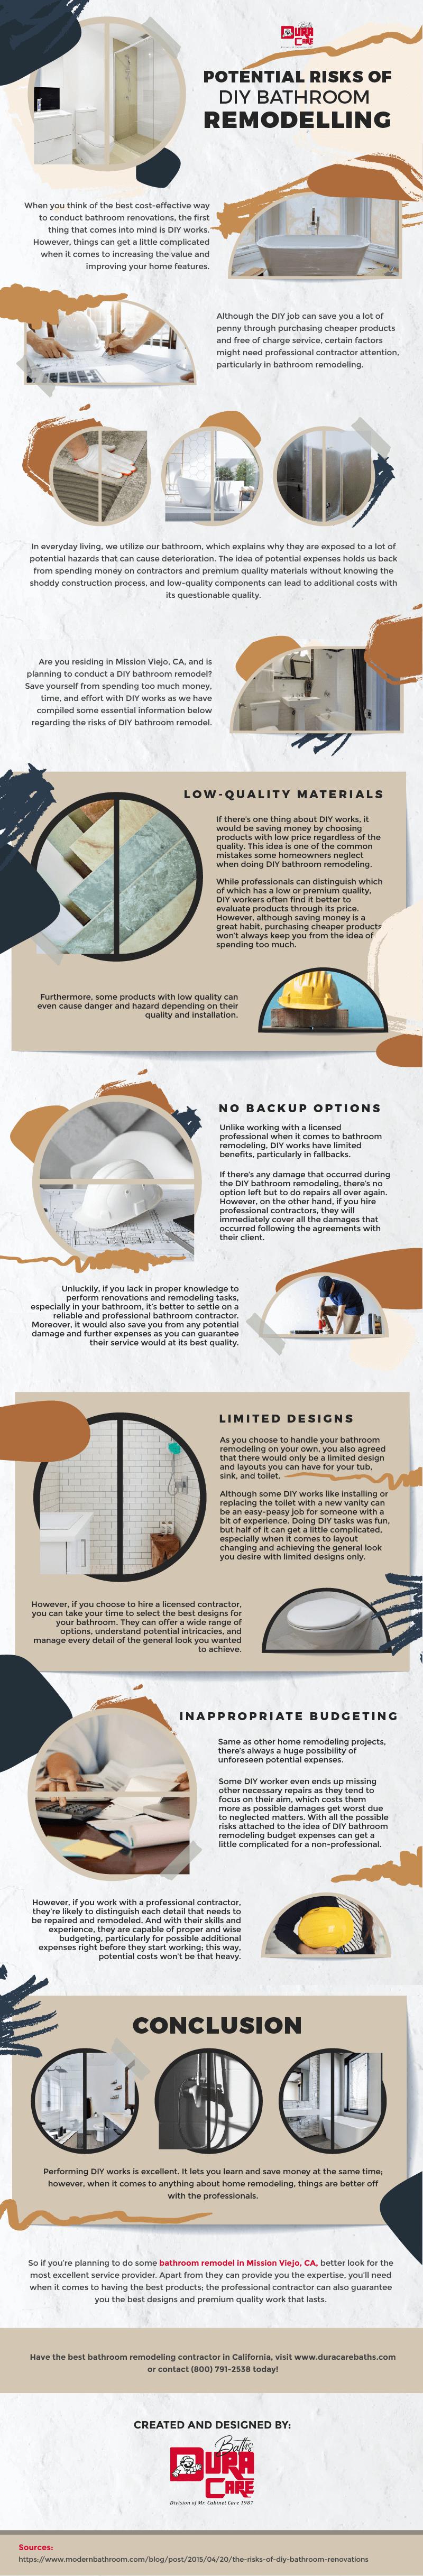 Potential-Risks-of-DIY-Bathroom-Remodeling